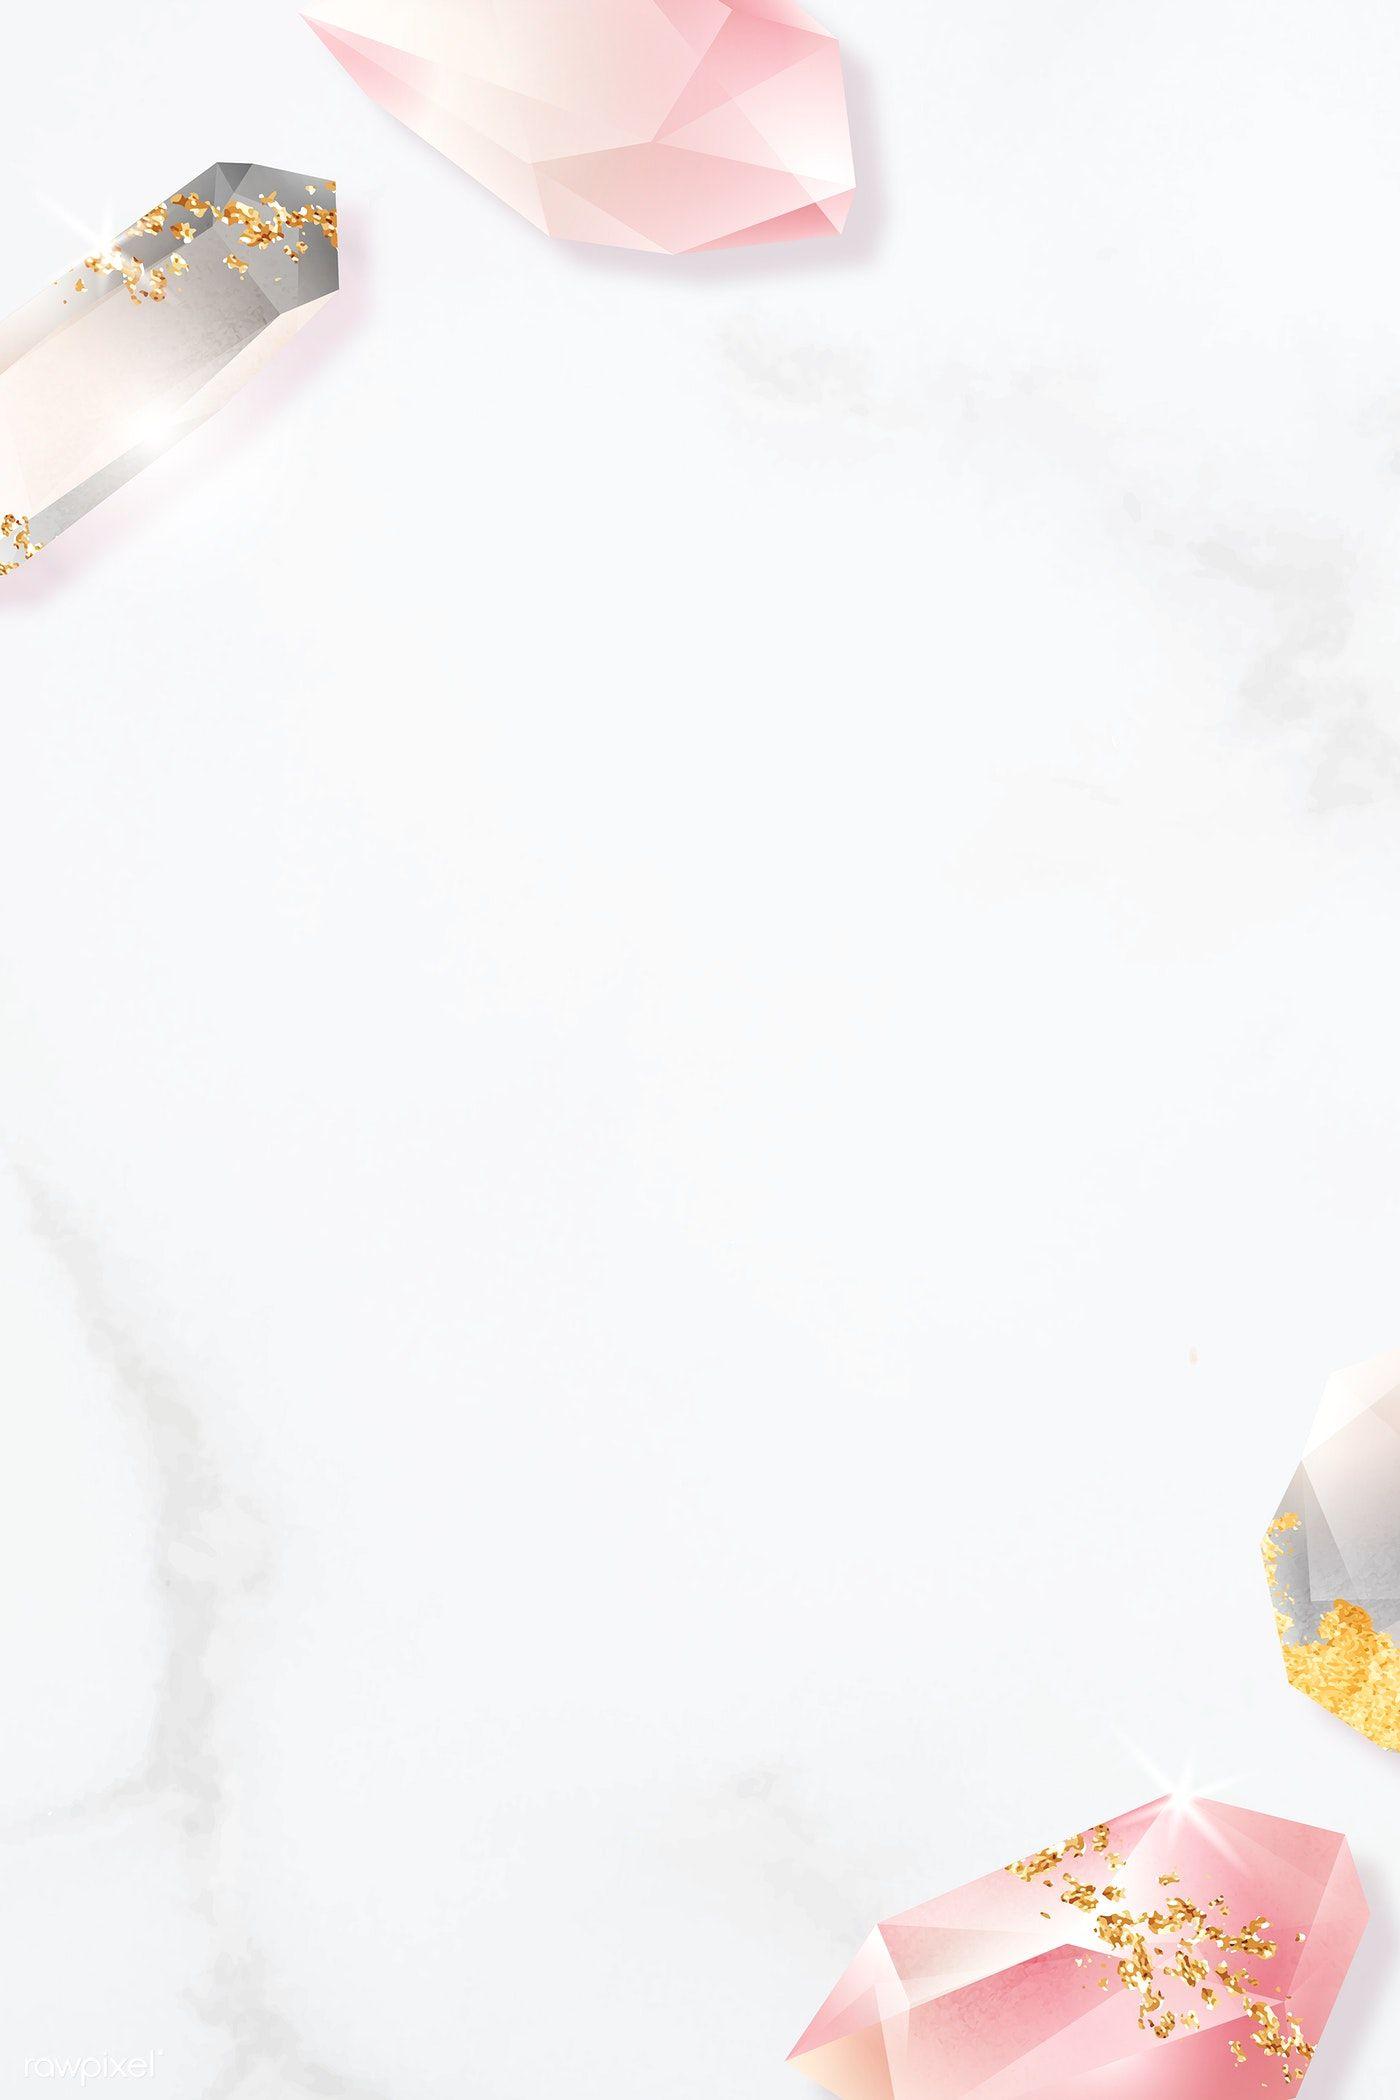 Download Premium Vector Of Colorful Crystal Frame Design On Marble Frame Design Flower Background Wallpaper Crystals